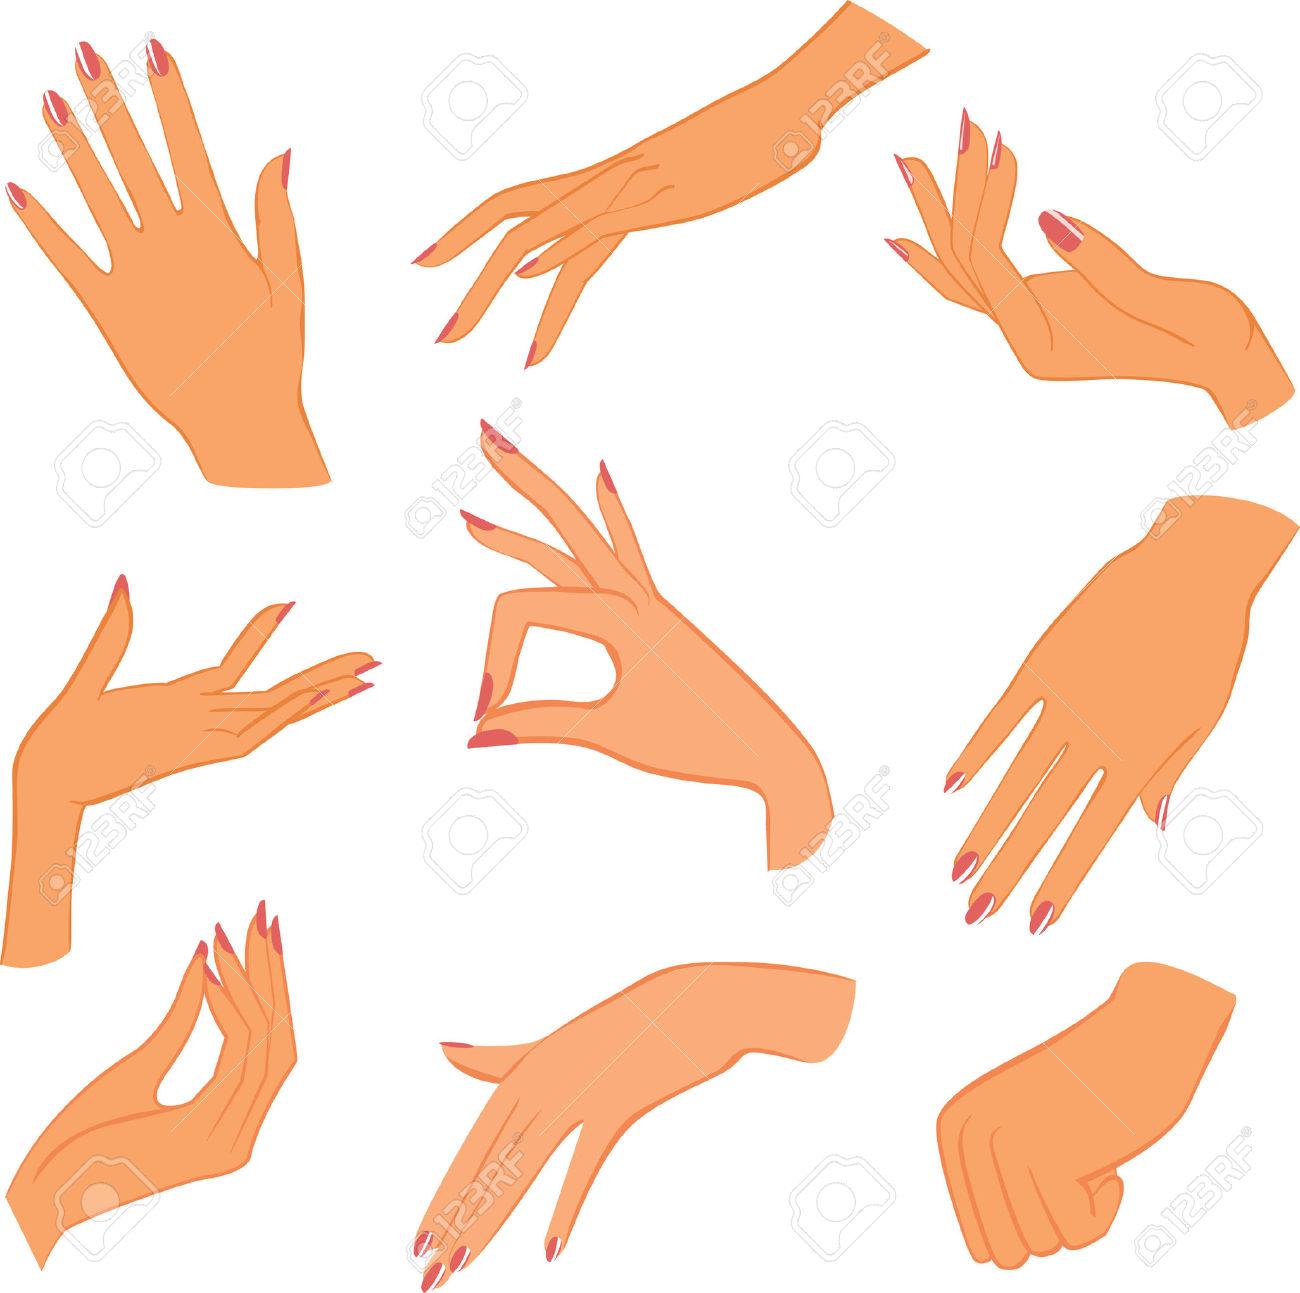 Nail Clipart at GetDrawings.com.